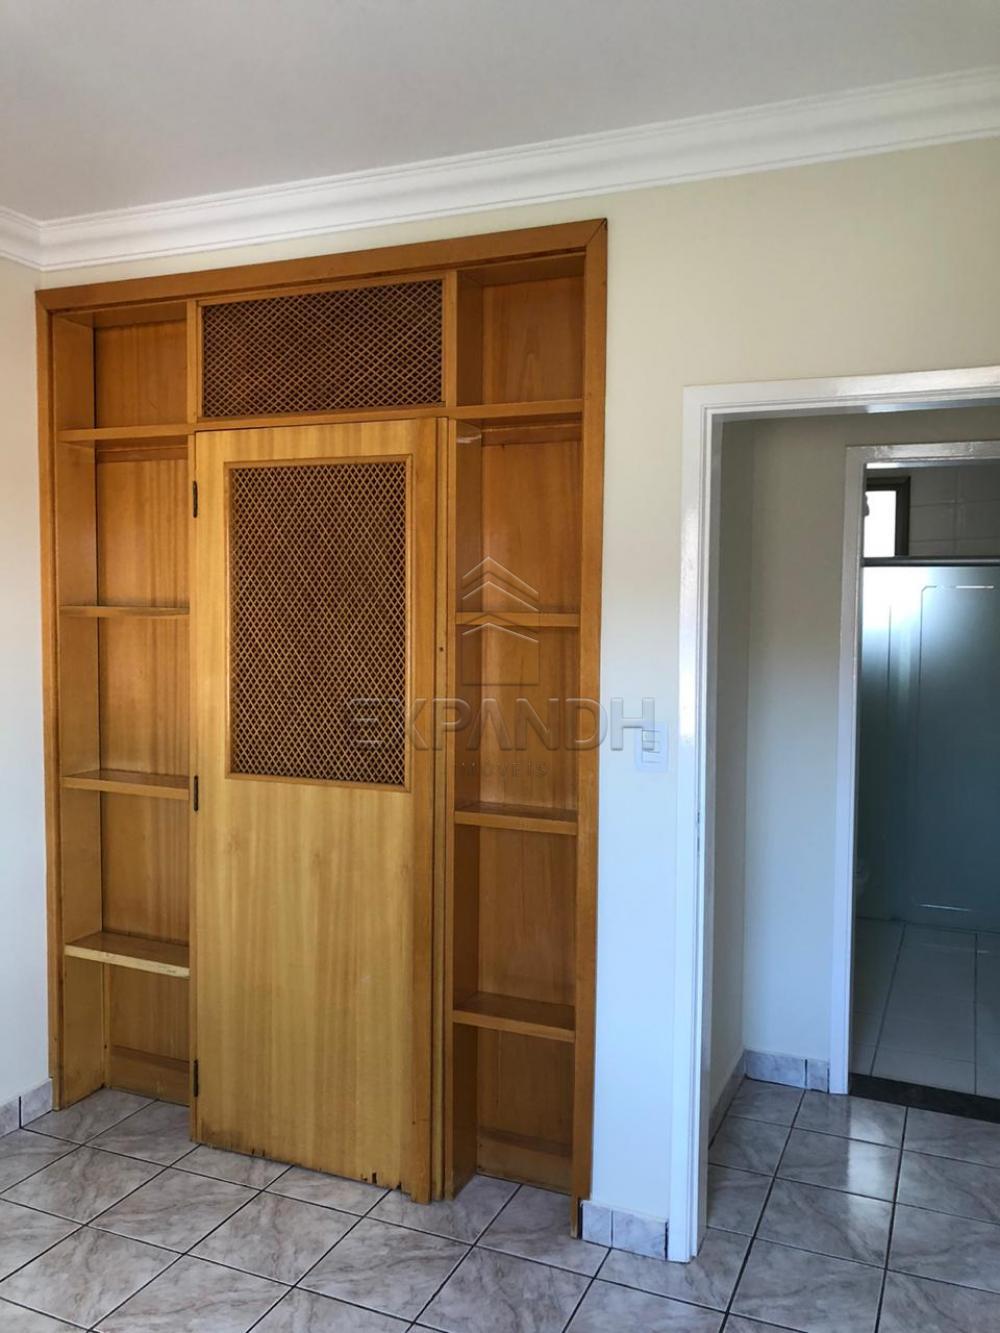 Alugar Apartamentos / Padrão em Sertãozinho R$ 1.728,00 - Foto 23